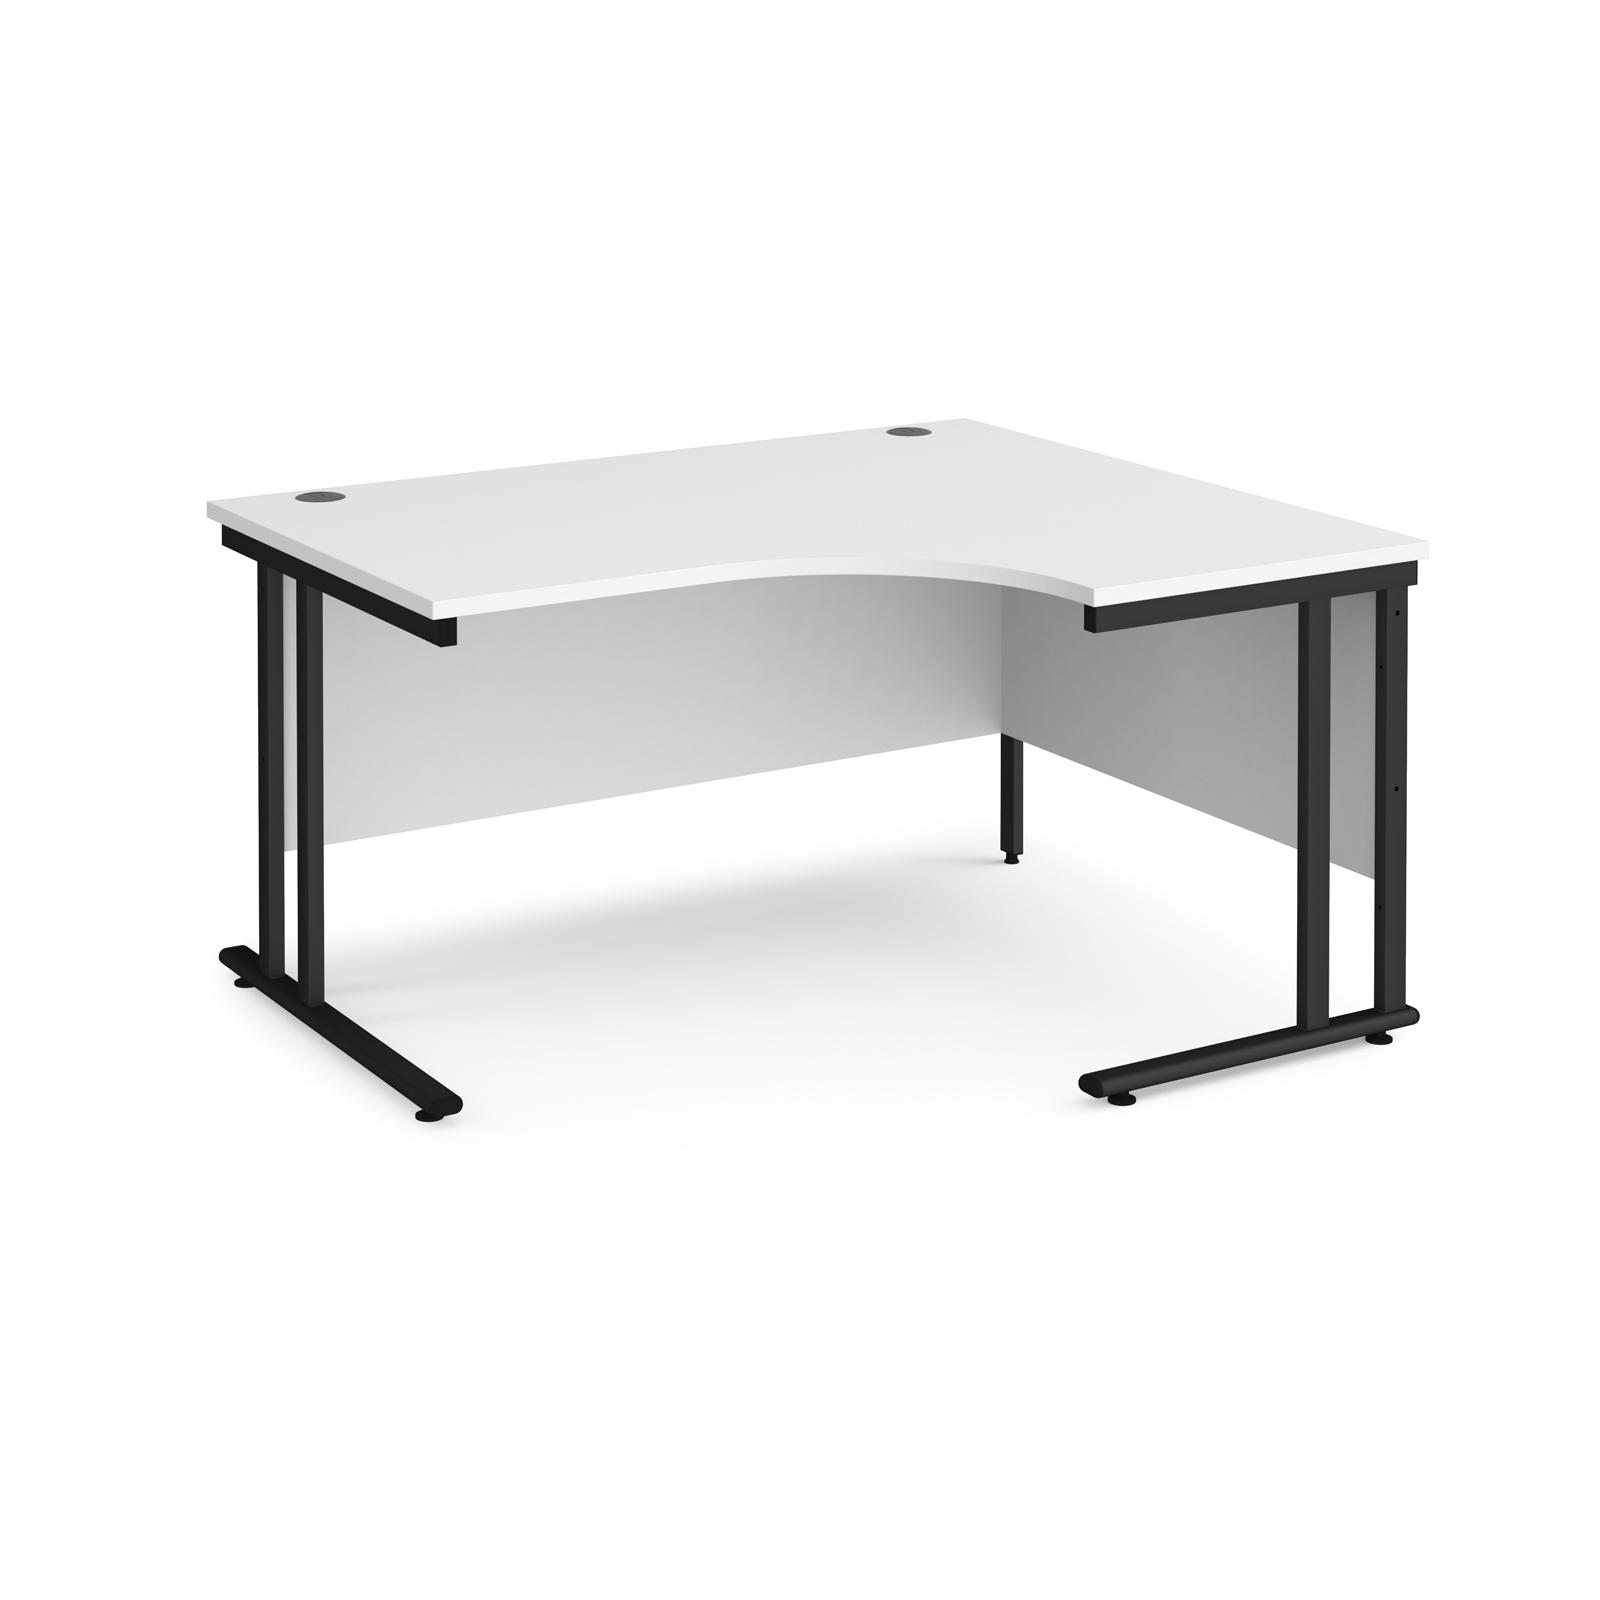 Right Handed Maestro 25 right hand ergonomic desk 1400mm wide - black cantilever leg frame, white top